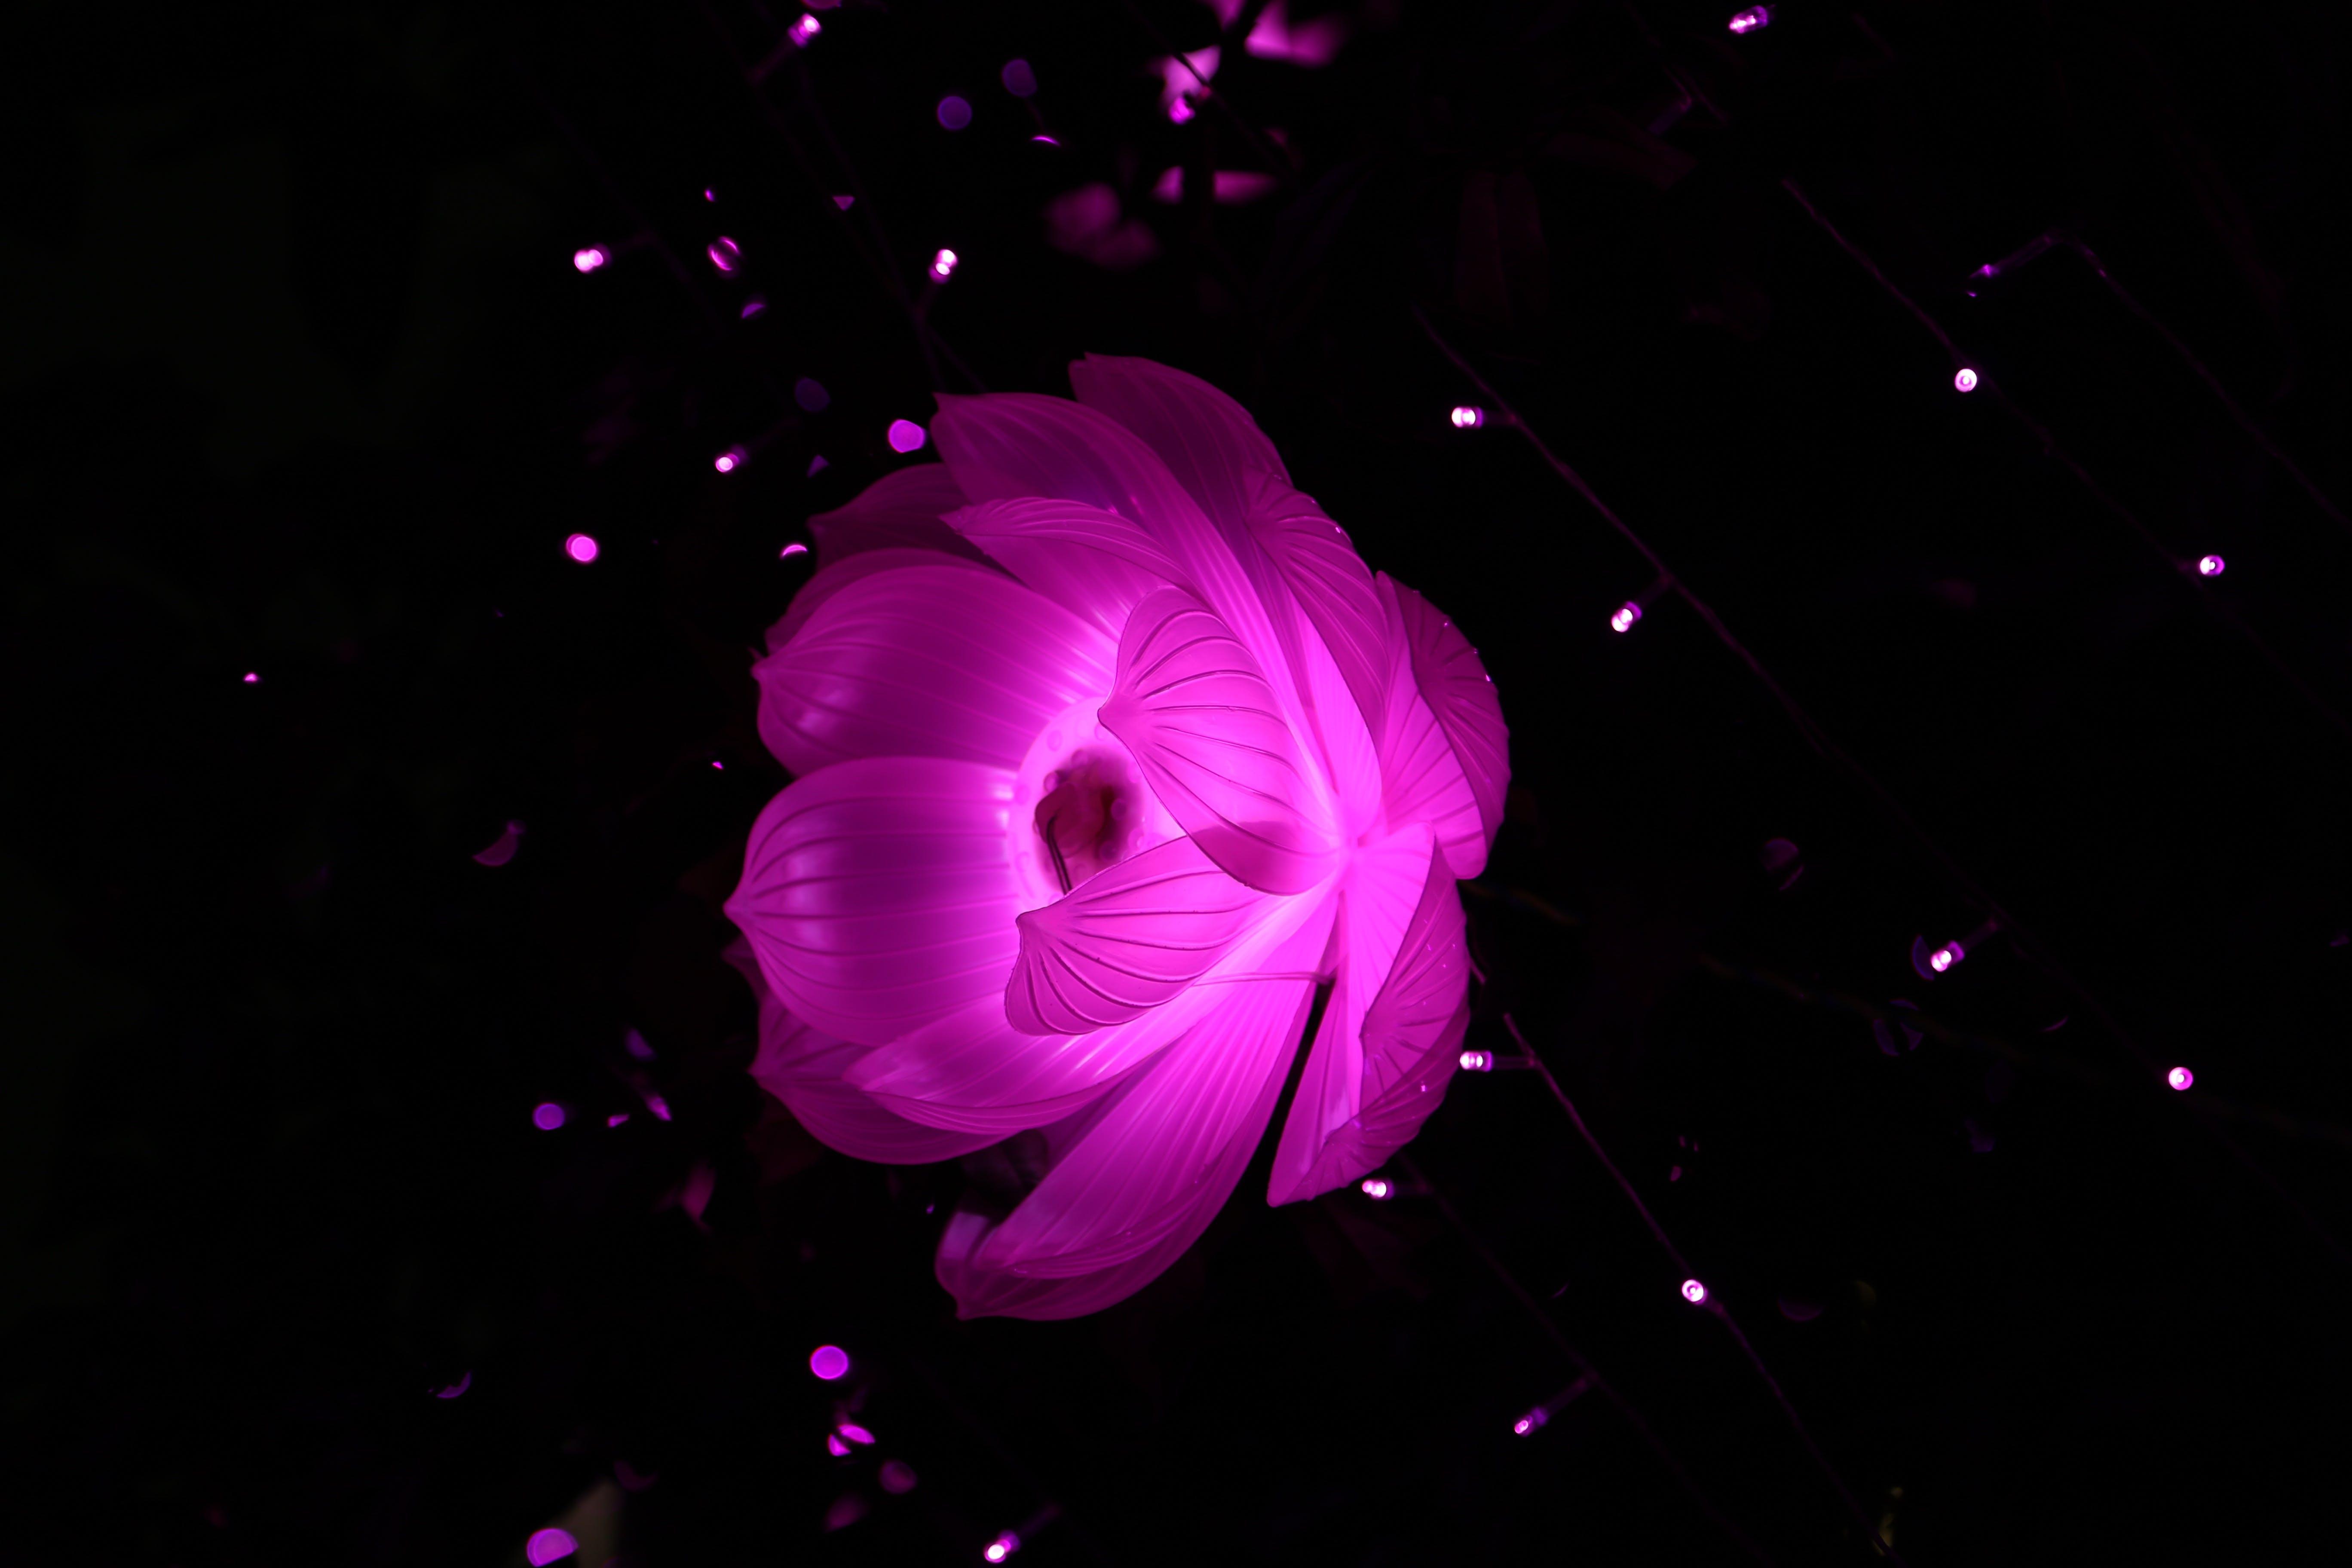 Purple Lotus Flower in Bloom